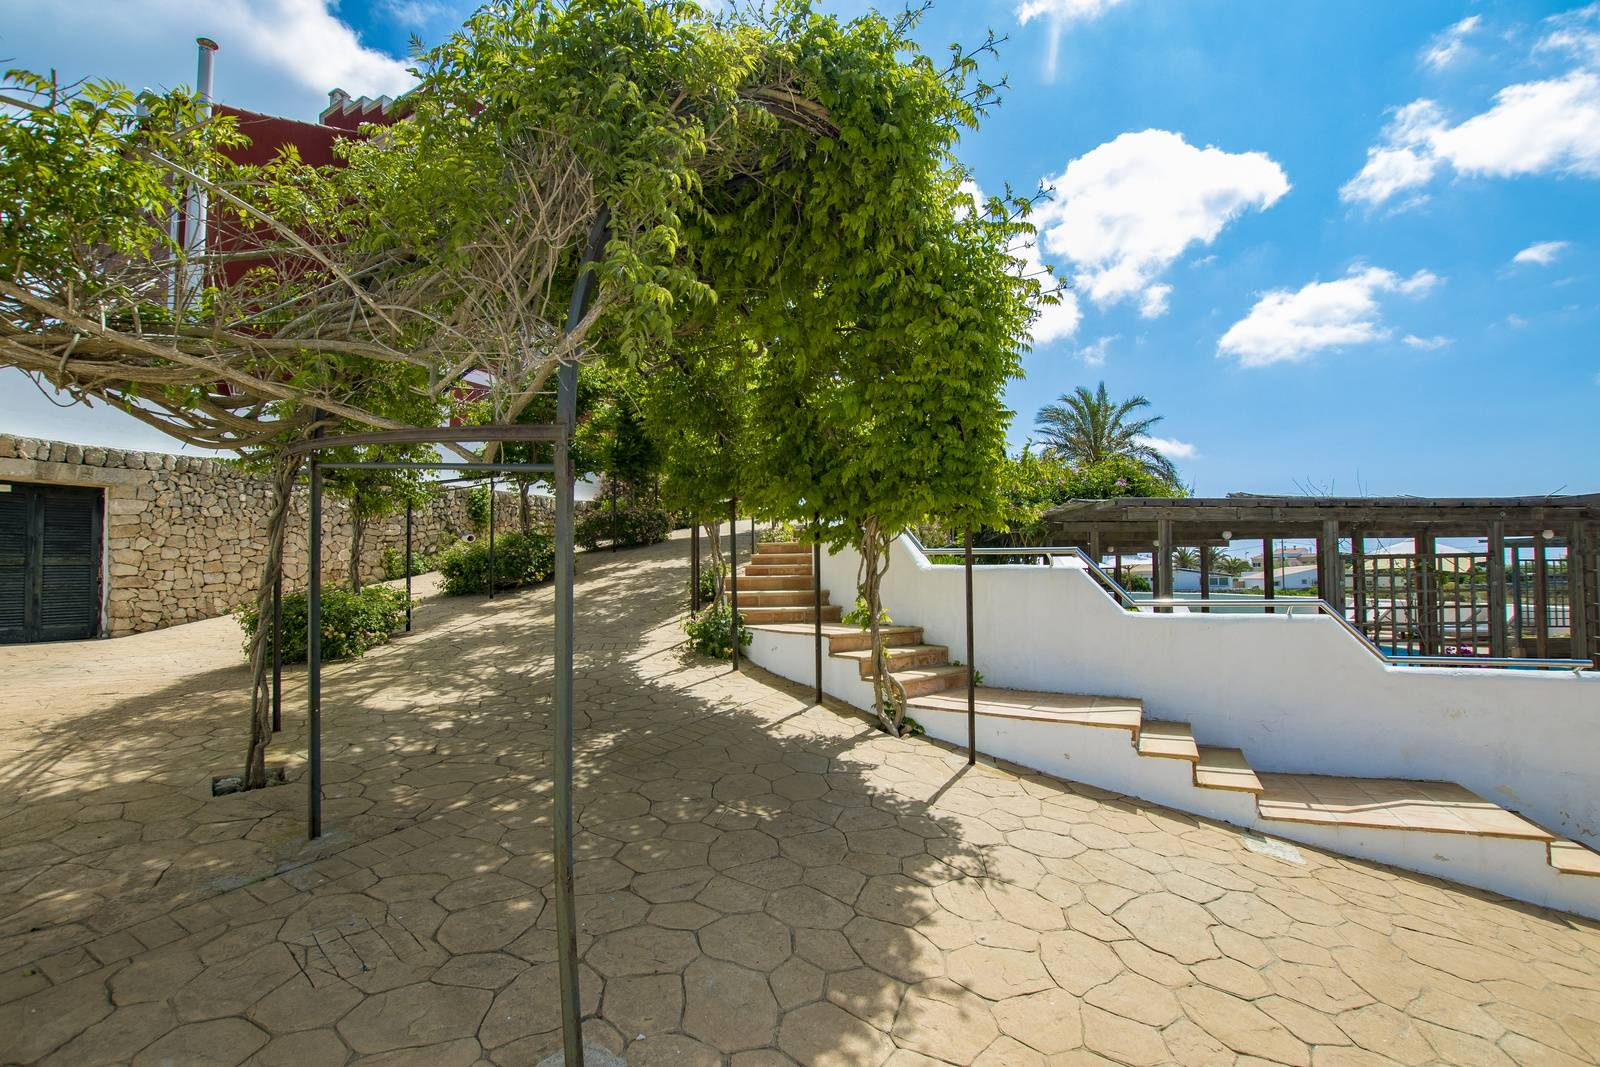 Hotel en venta en una antigua finca en Es Castell en Menorca